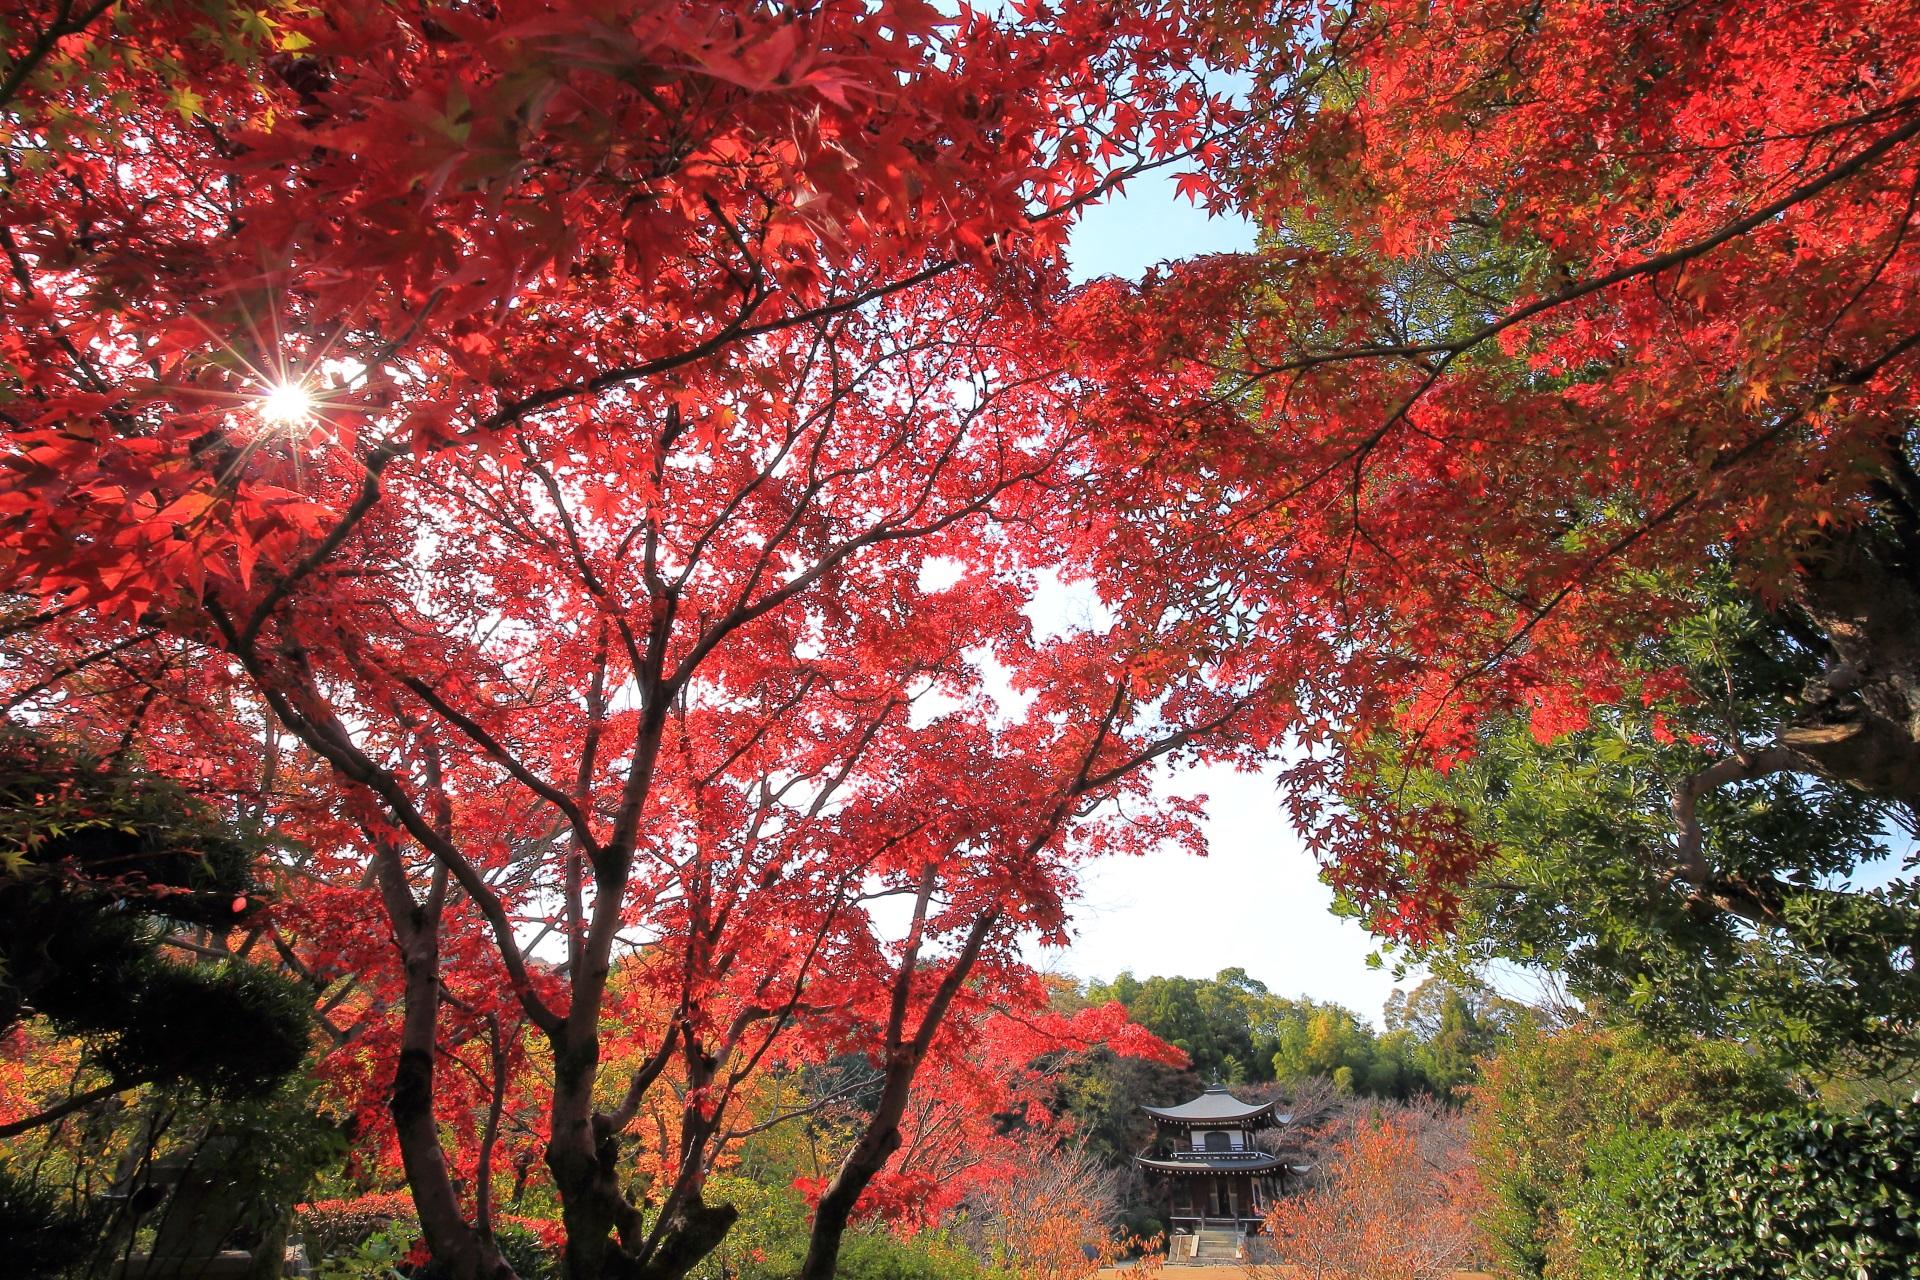 観音堂をつつむ真っ赤な紅葉と太陽